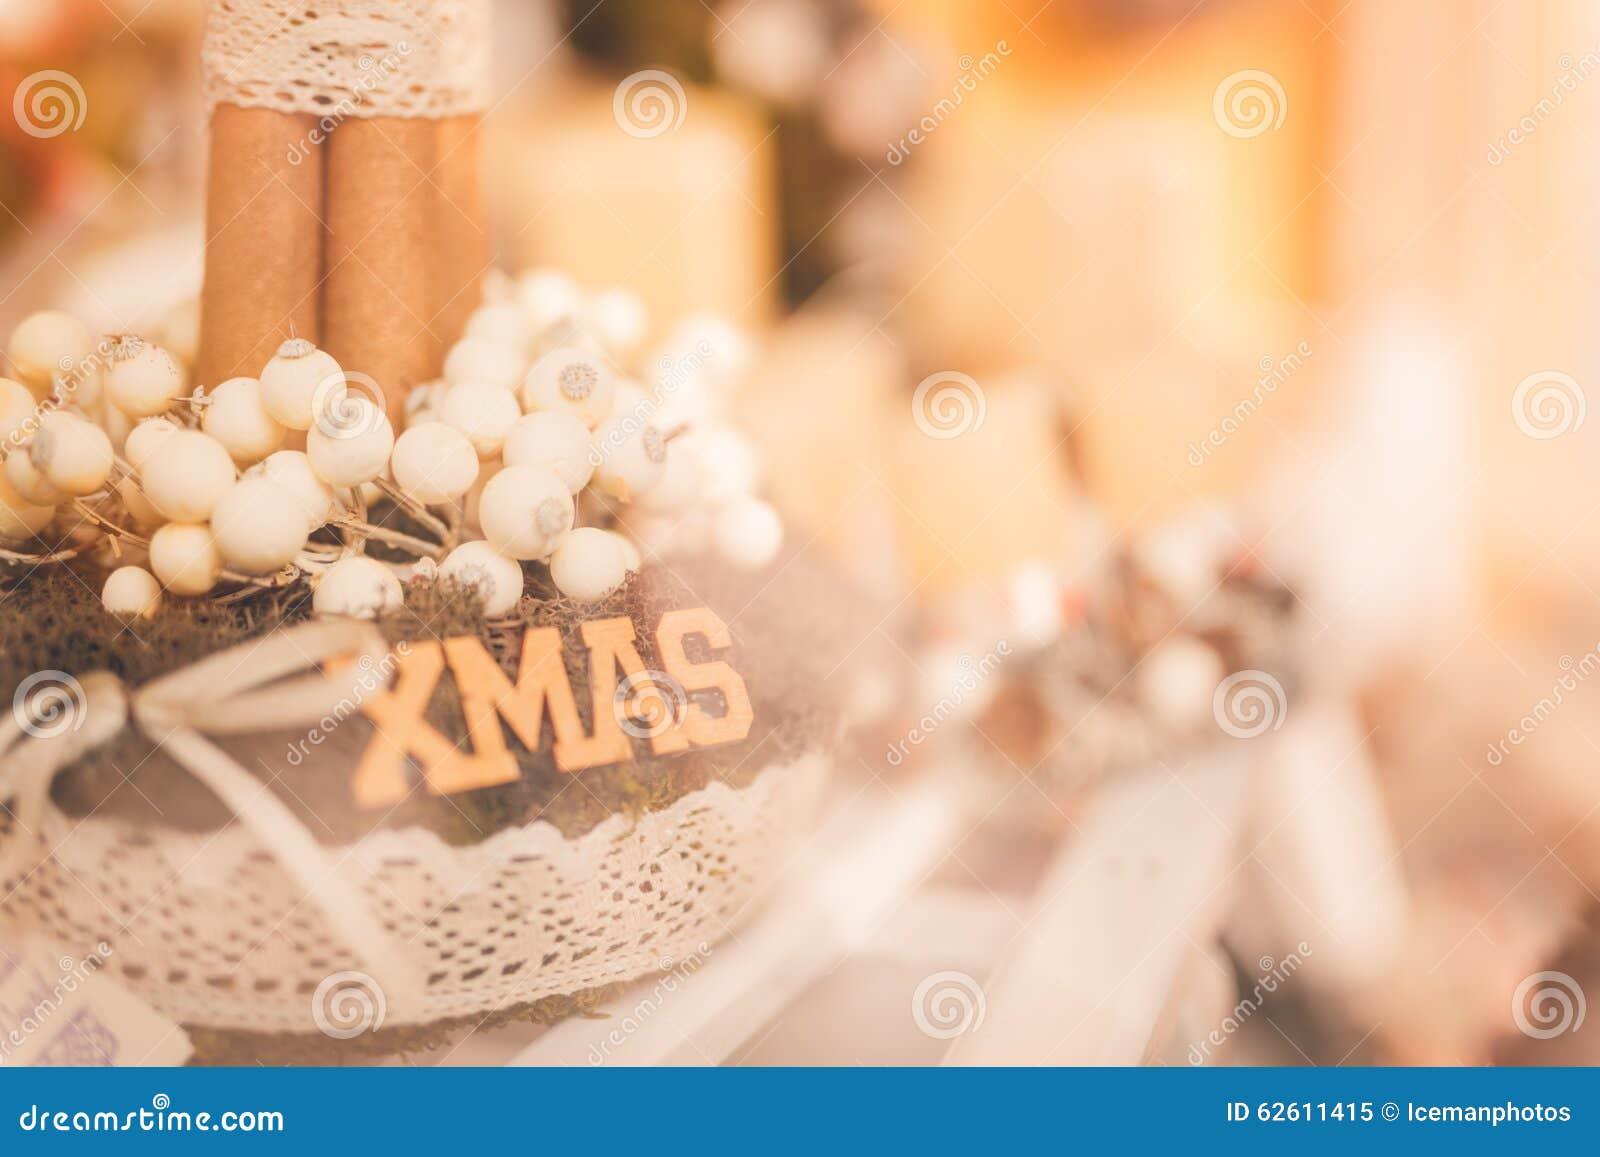 Weihnachten - Weihnachten-wreat warme Töne